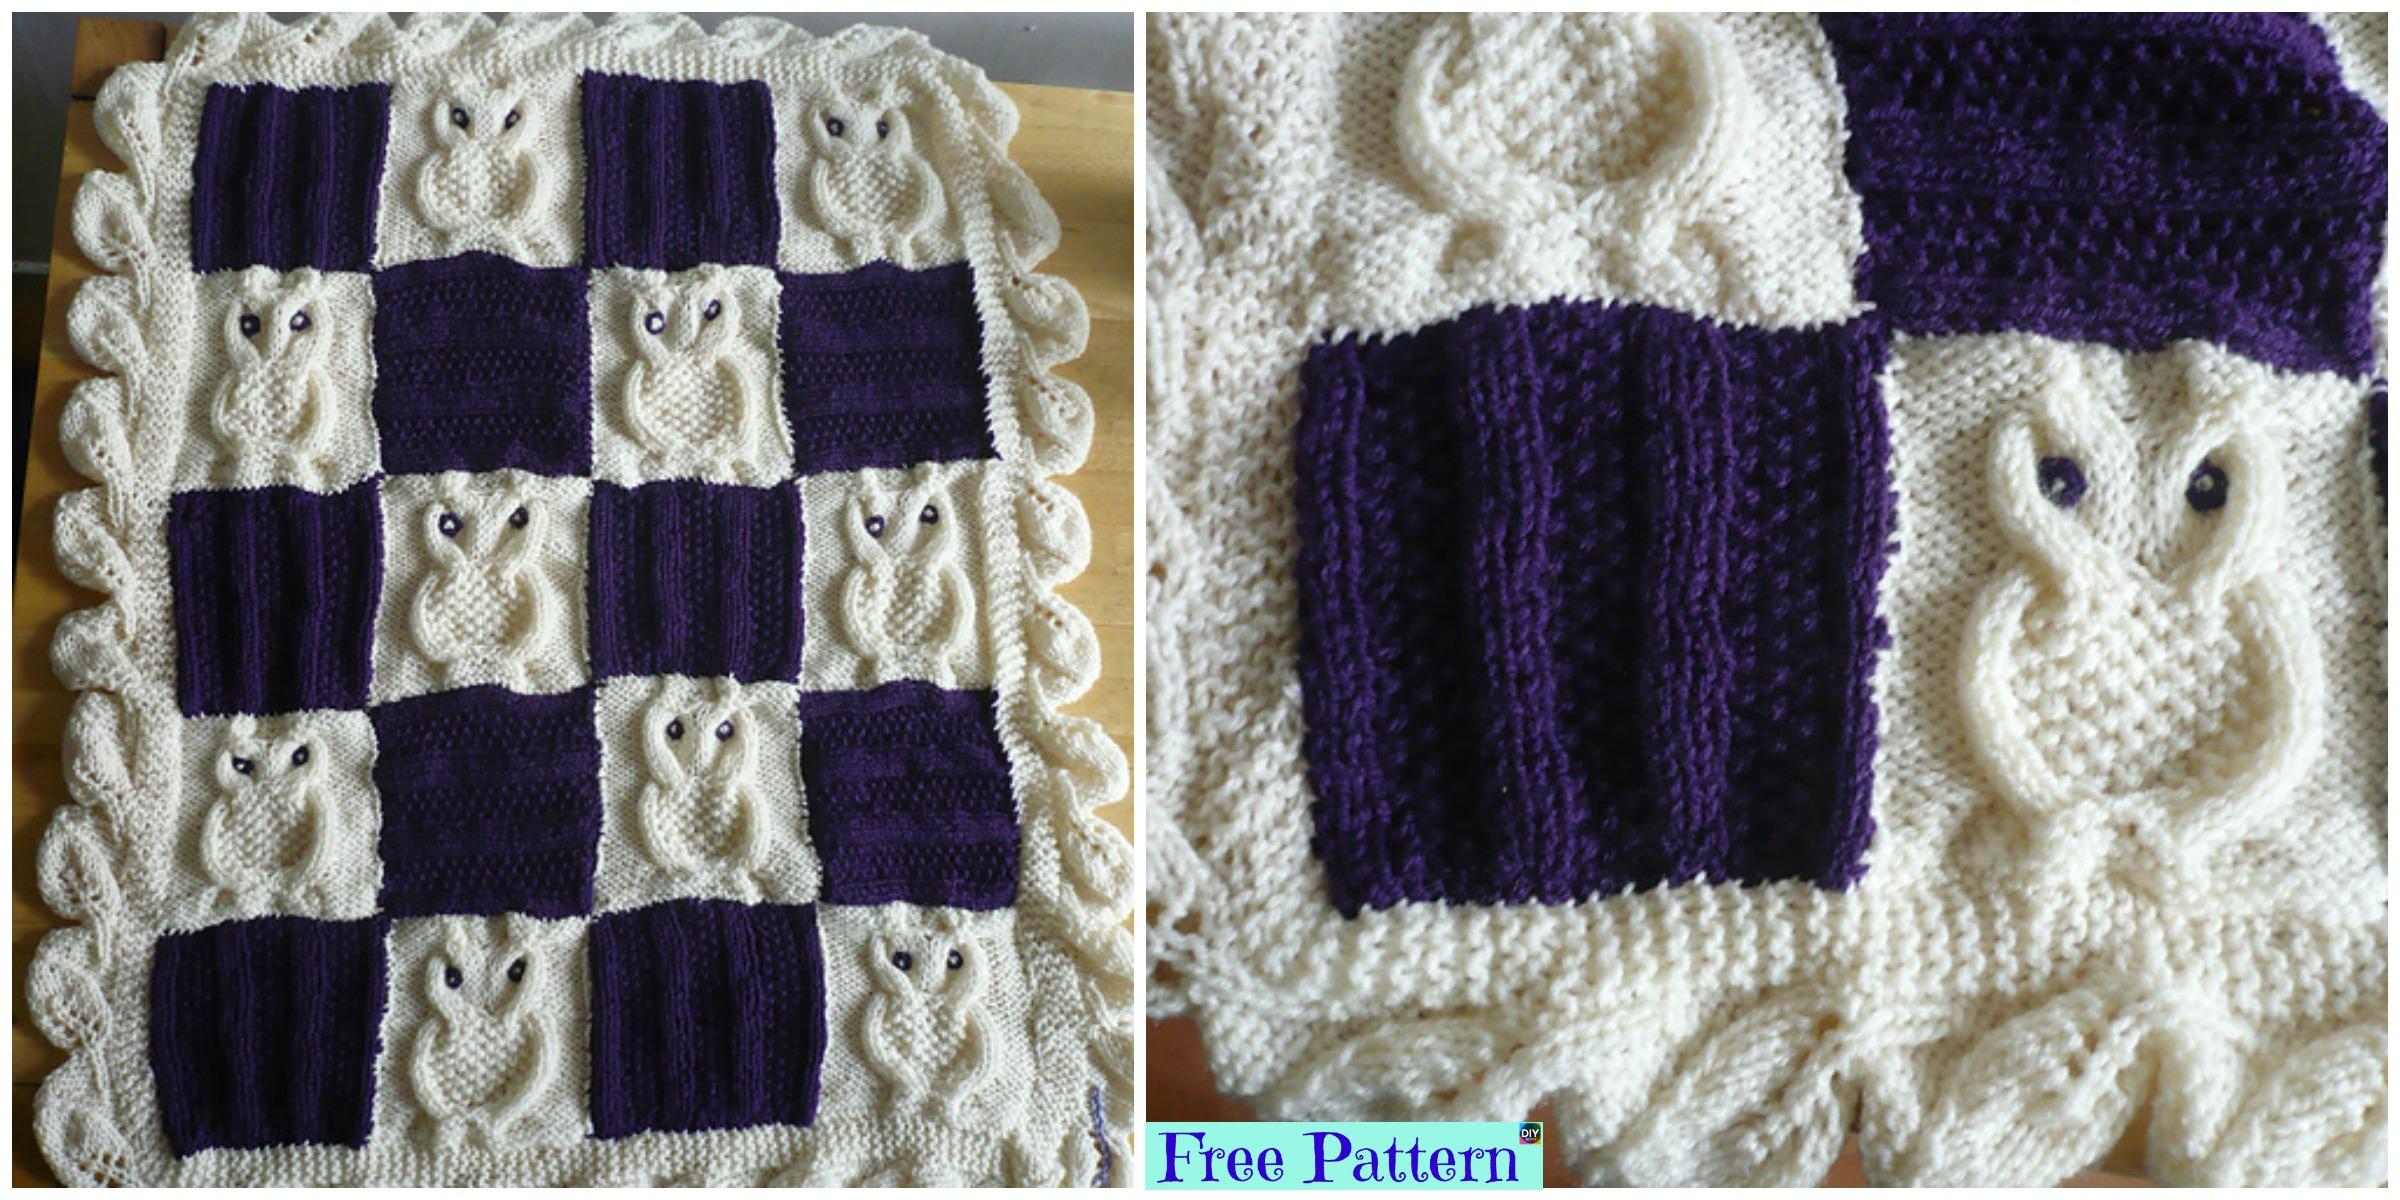 Crochet Owl Blanket Pattern Free Interesting Free Crochet Pattern